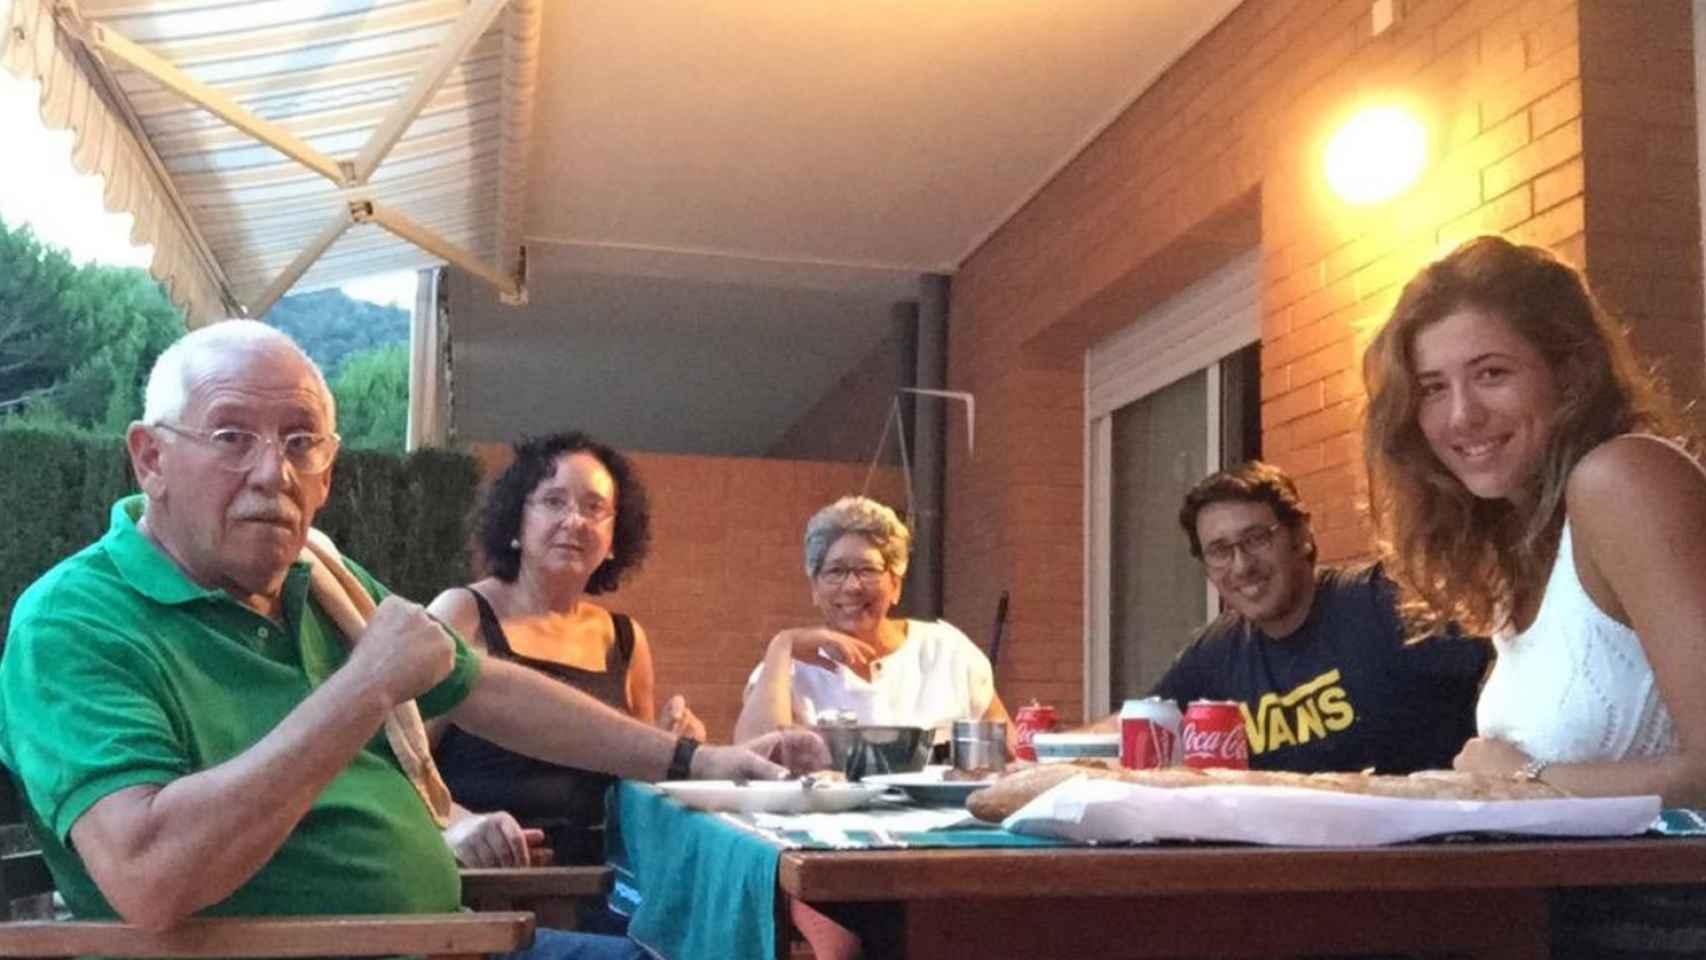 Los padres de Garbiñe (a la izquierda), un familiar, su hermano y ella en una reunión familiar